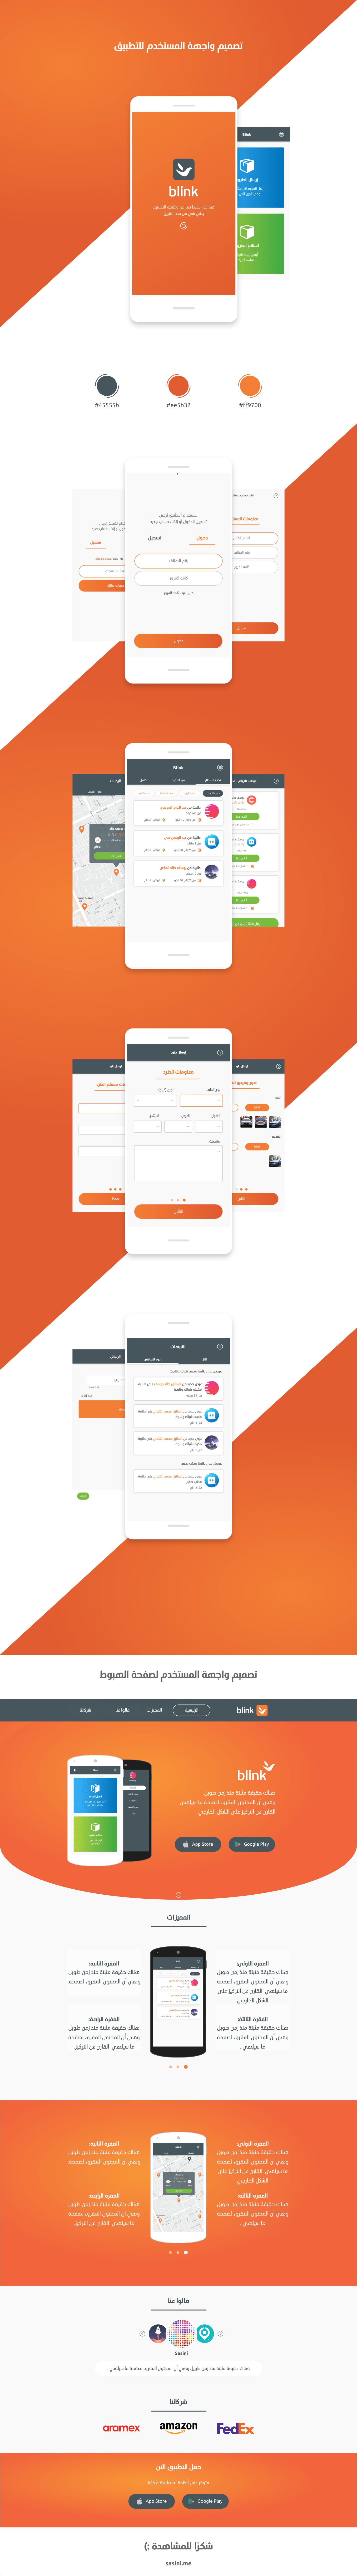 تصميم صفحة هبوط وواجهة تطبيق Blink